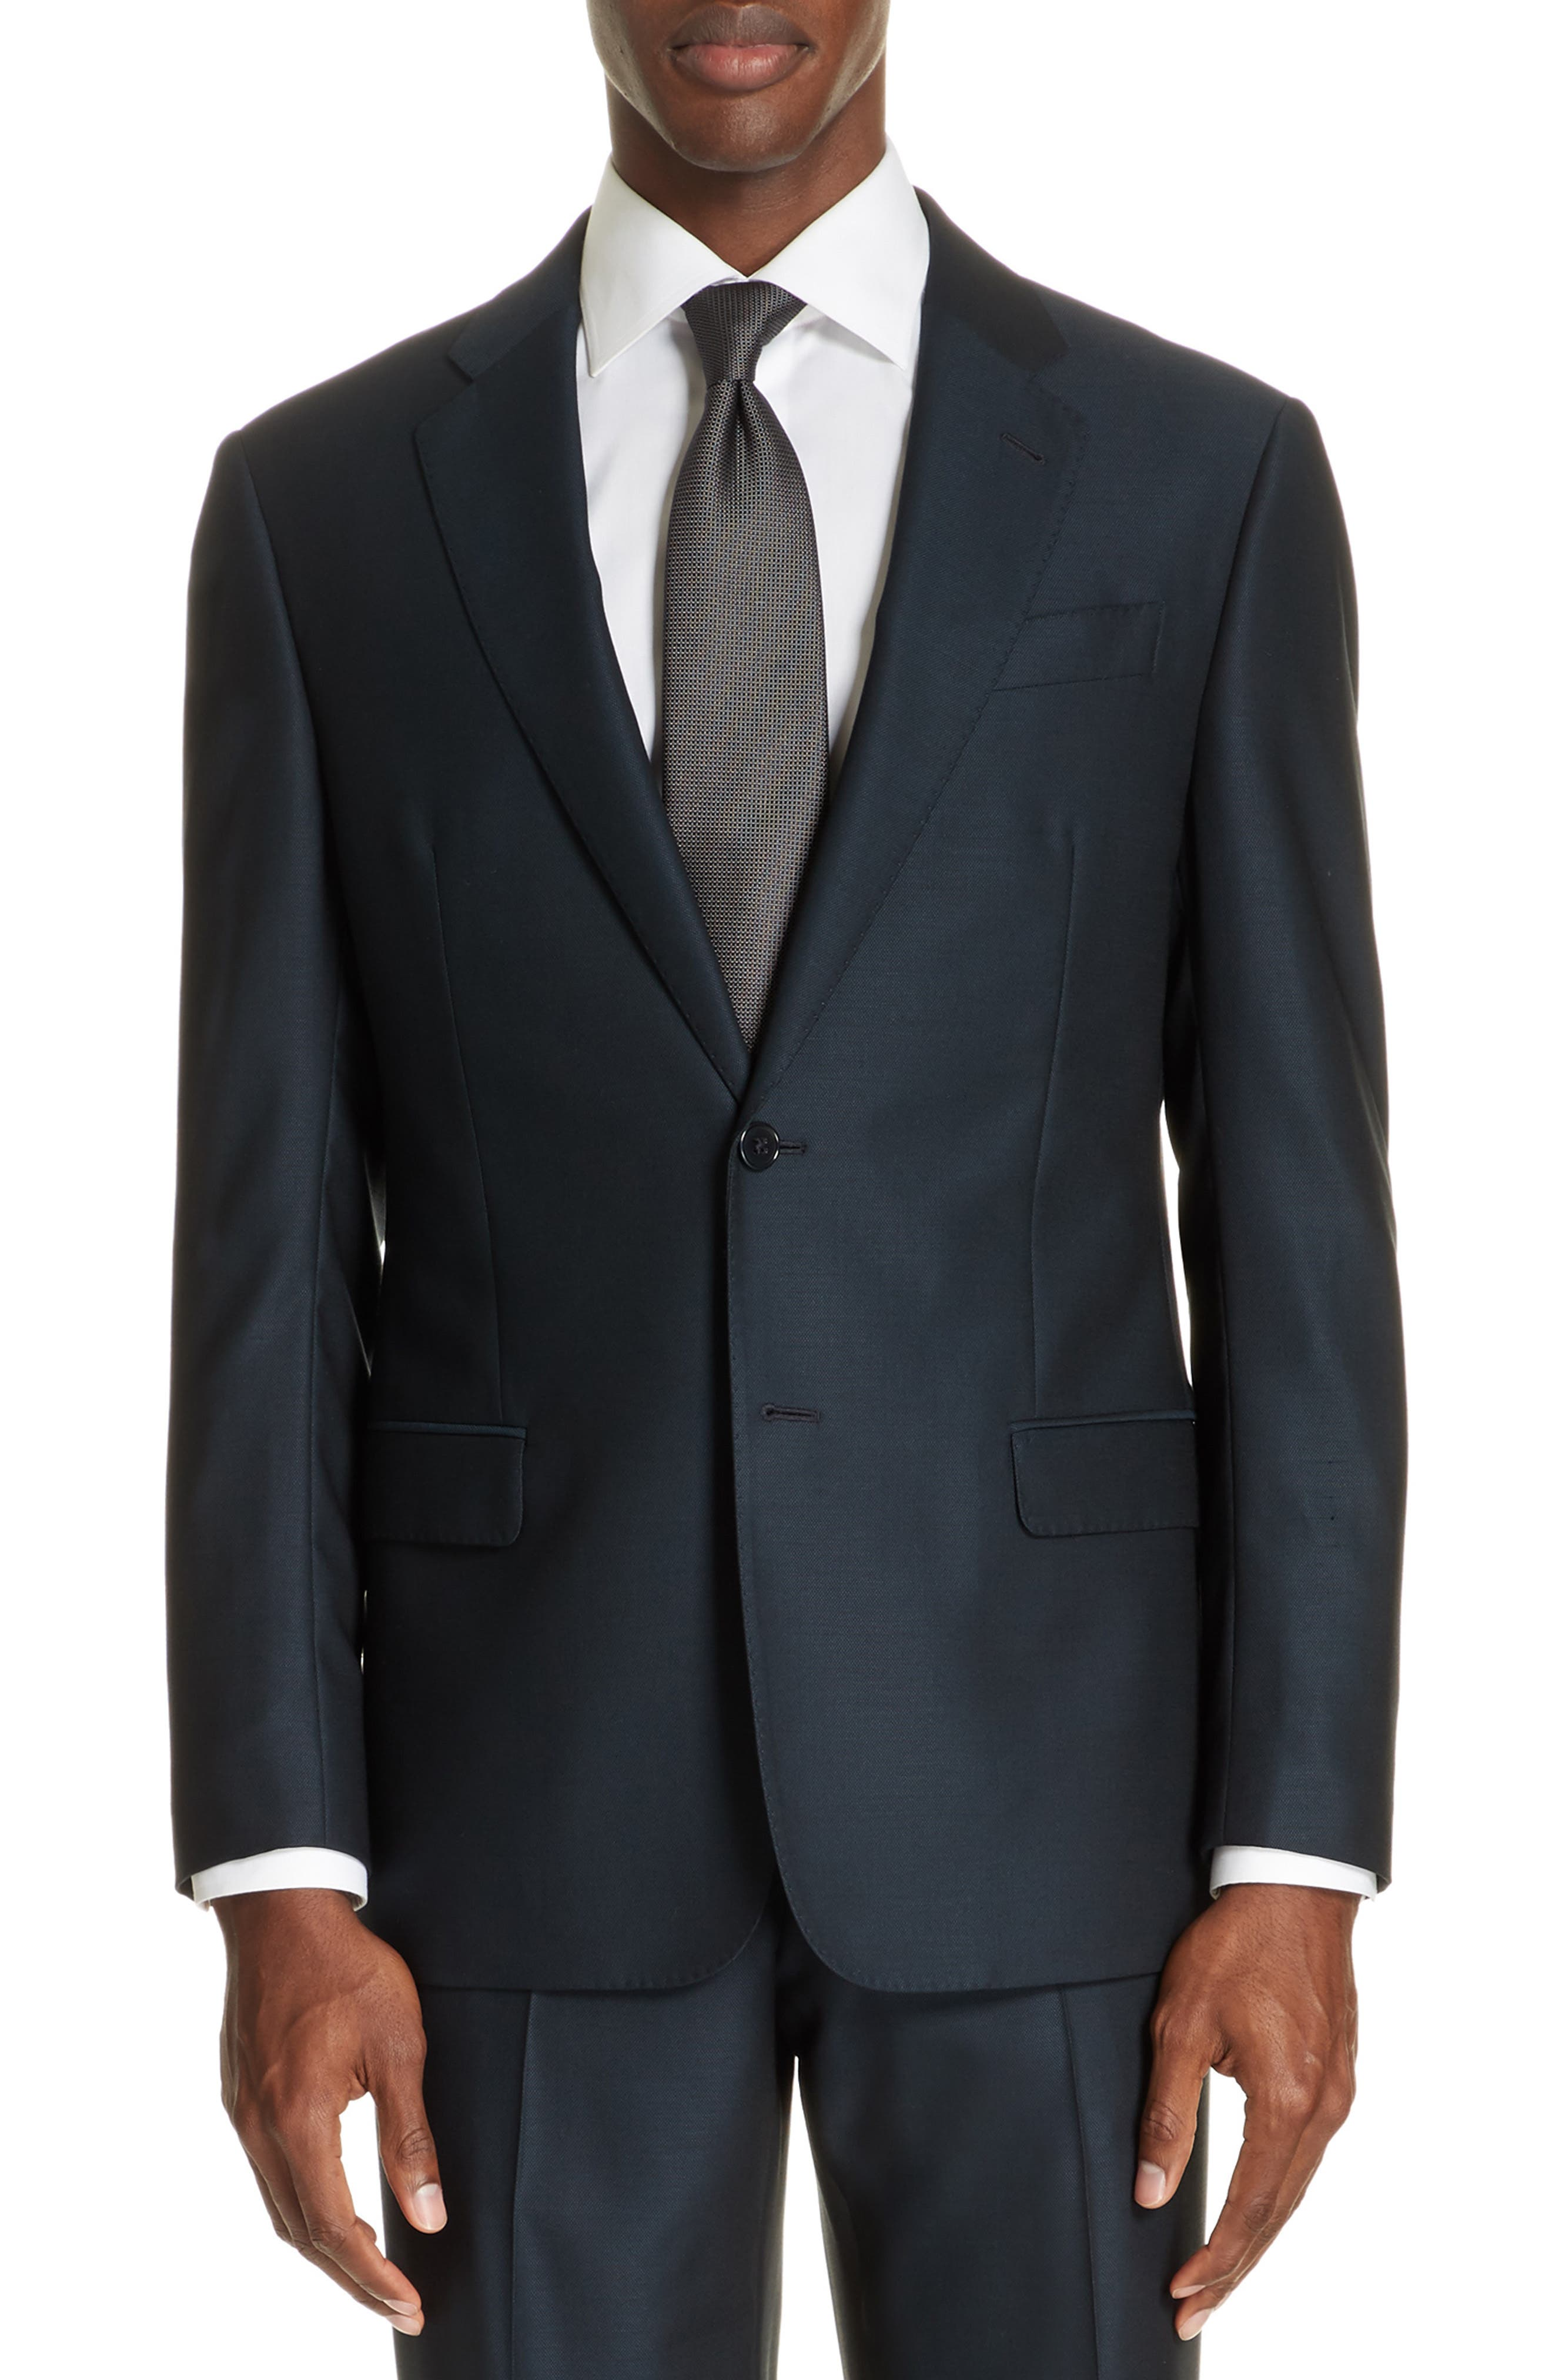 G-Line Trim Fit Solid Wool Suit,                             Alternate thumbnail 5, color,                             BLUE